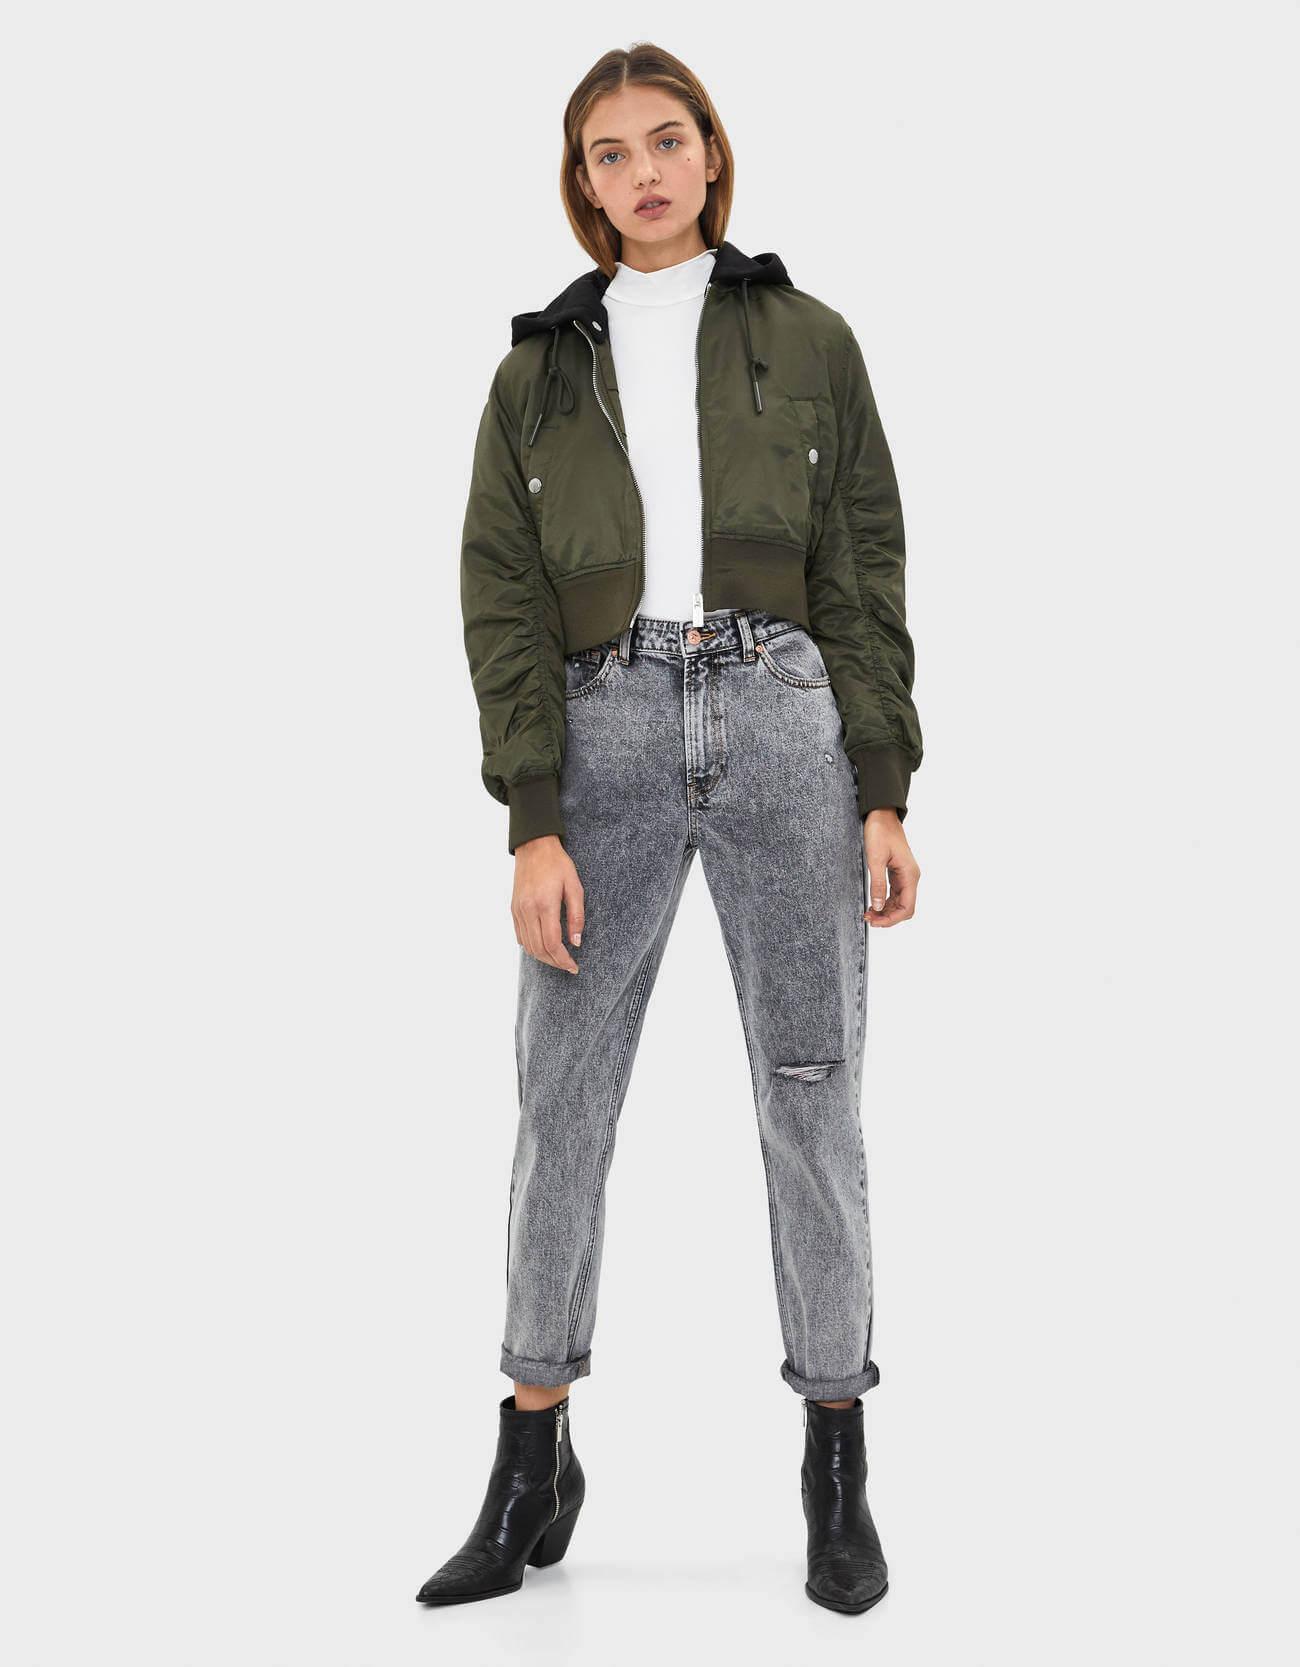 Kadın Bomber Ceket Bershka